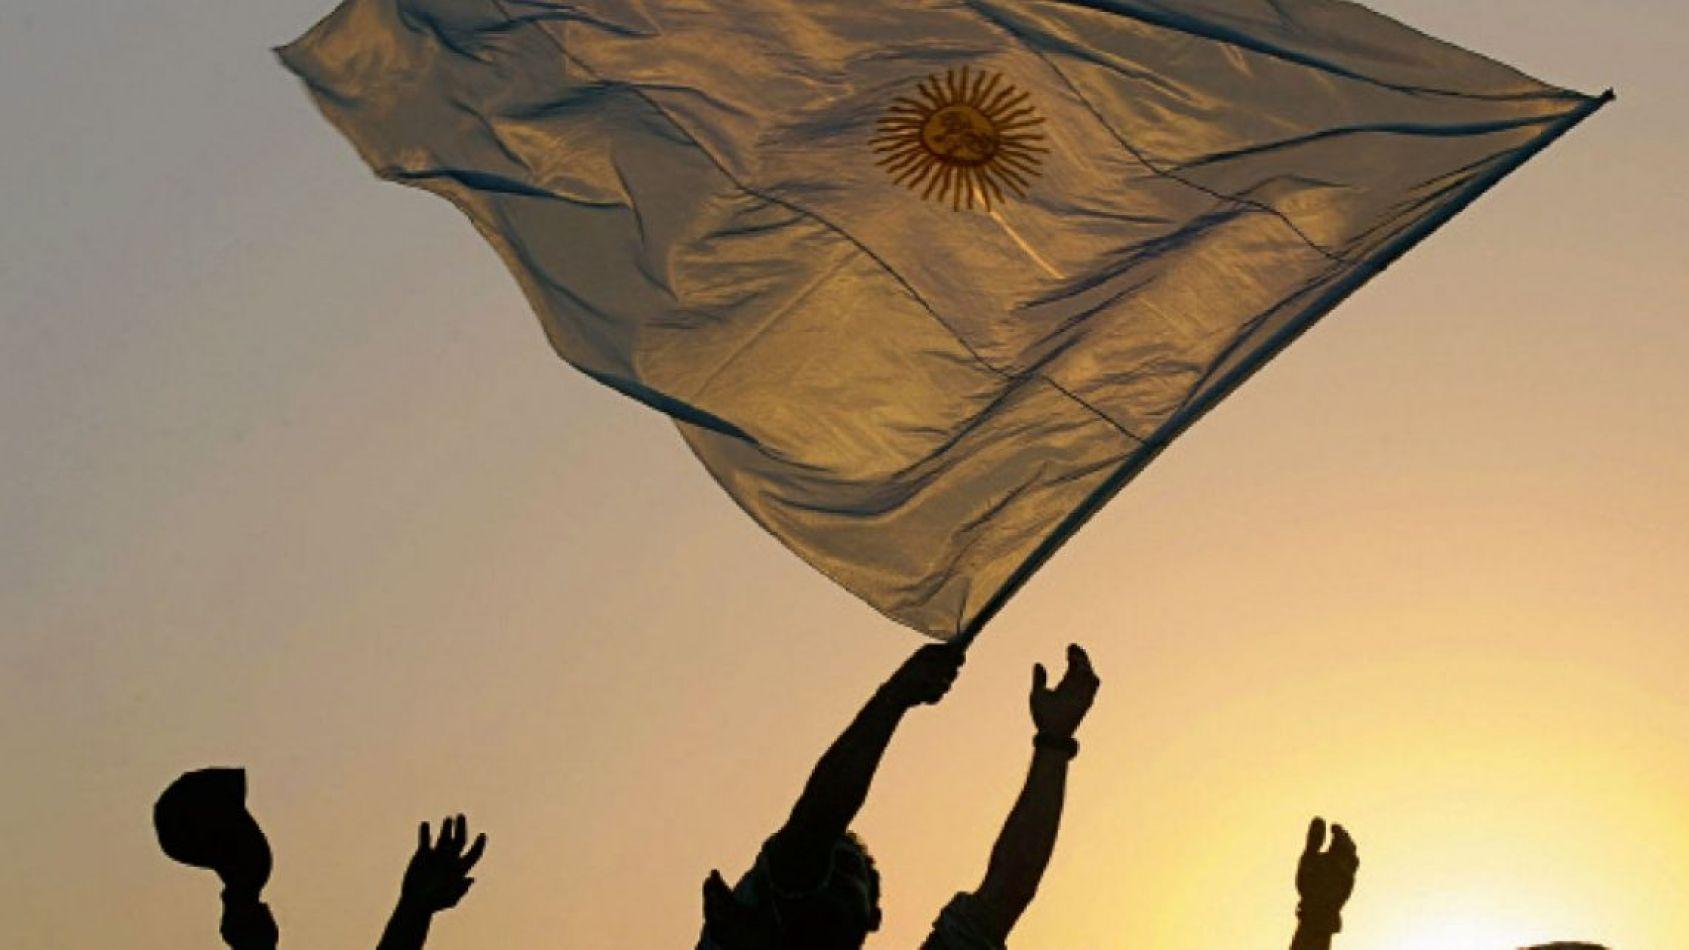 El 40% de los argentinos piensa que la situación del país en 2020 mejorará